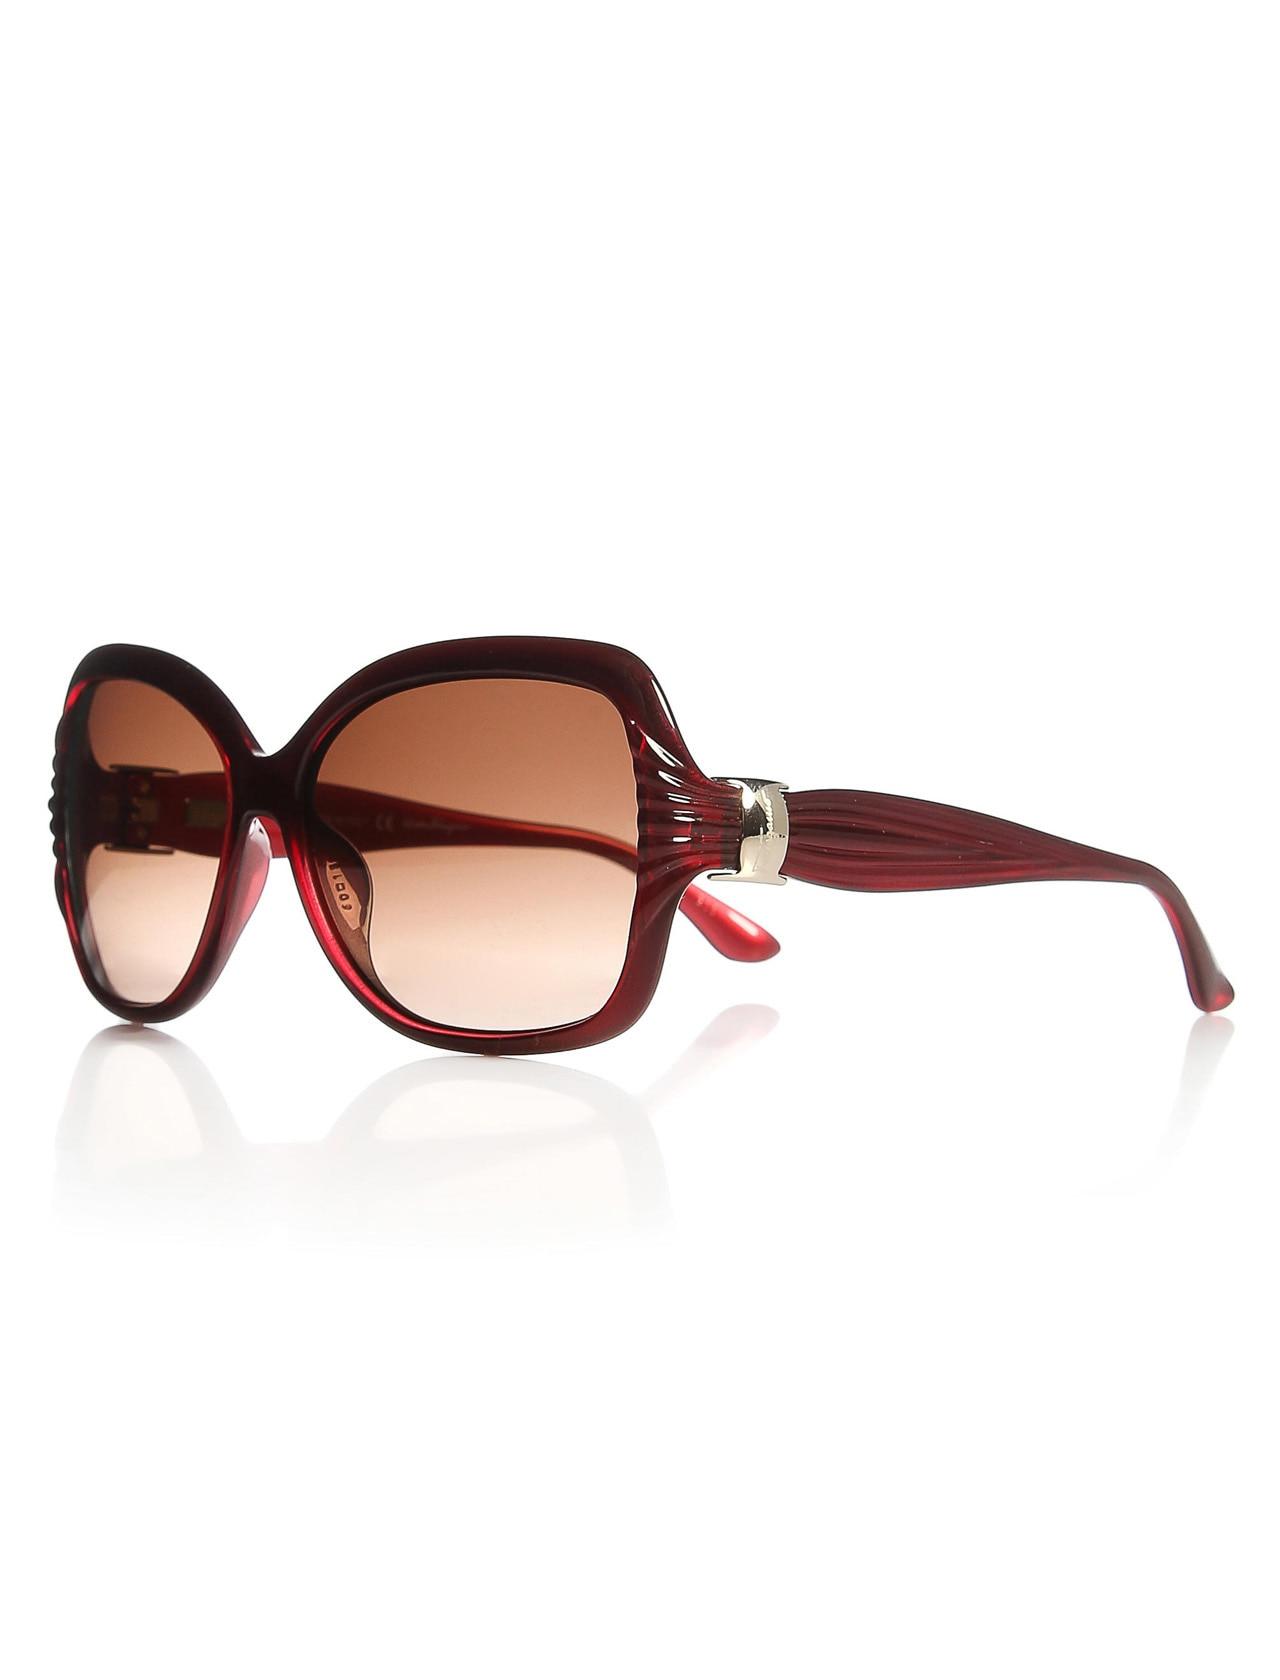 Women's sunglasses sf 649s 624 bone red organic square aval 59-18-135 salvatore ferragamo